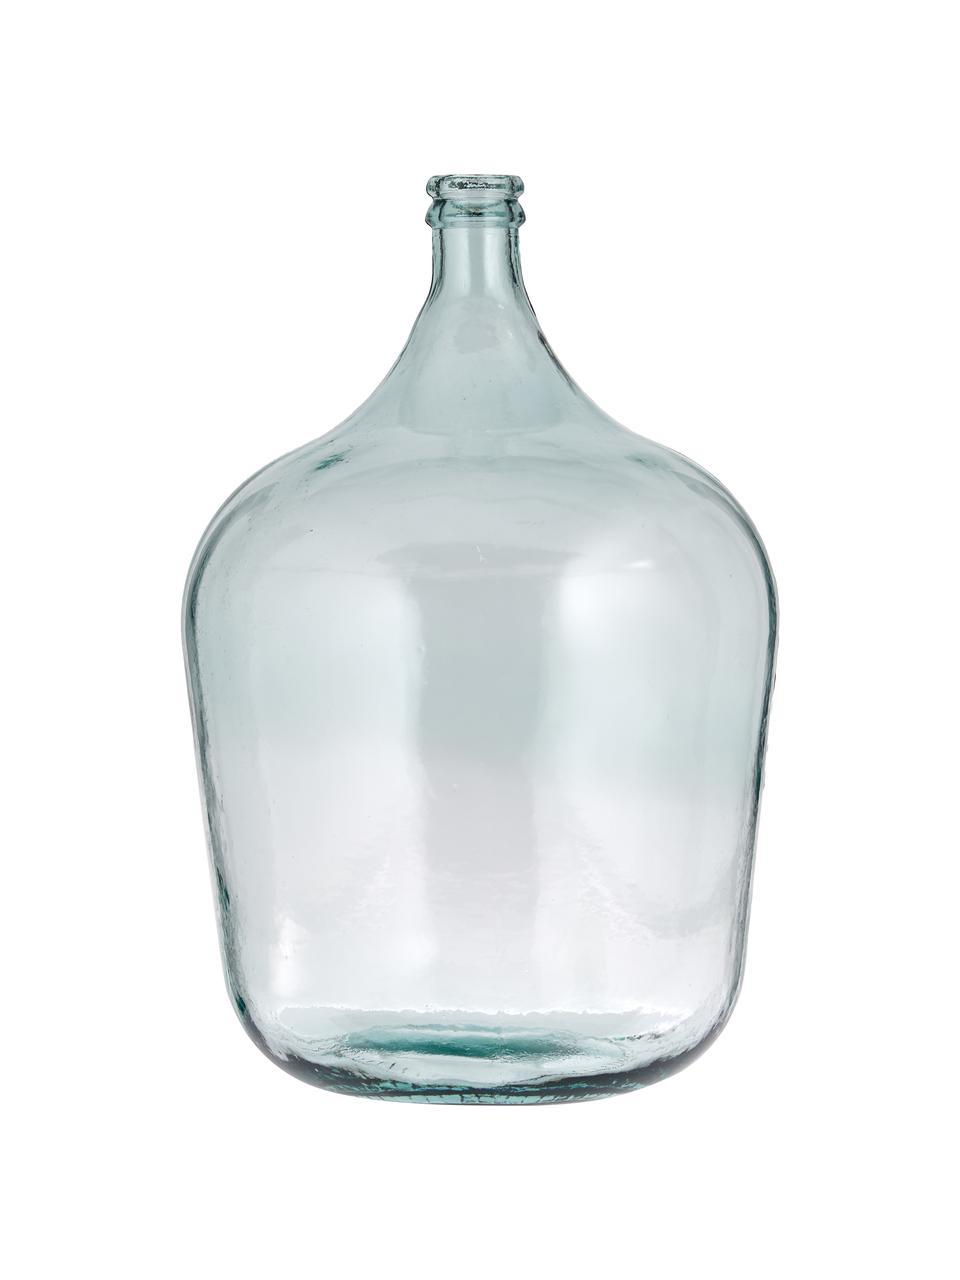 Vaso da terra in vetro riciclato Beluga, Vetro riciclato, Azzurro, Ø 40 x Alt. 56 cm